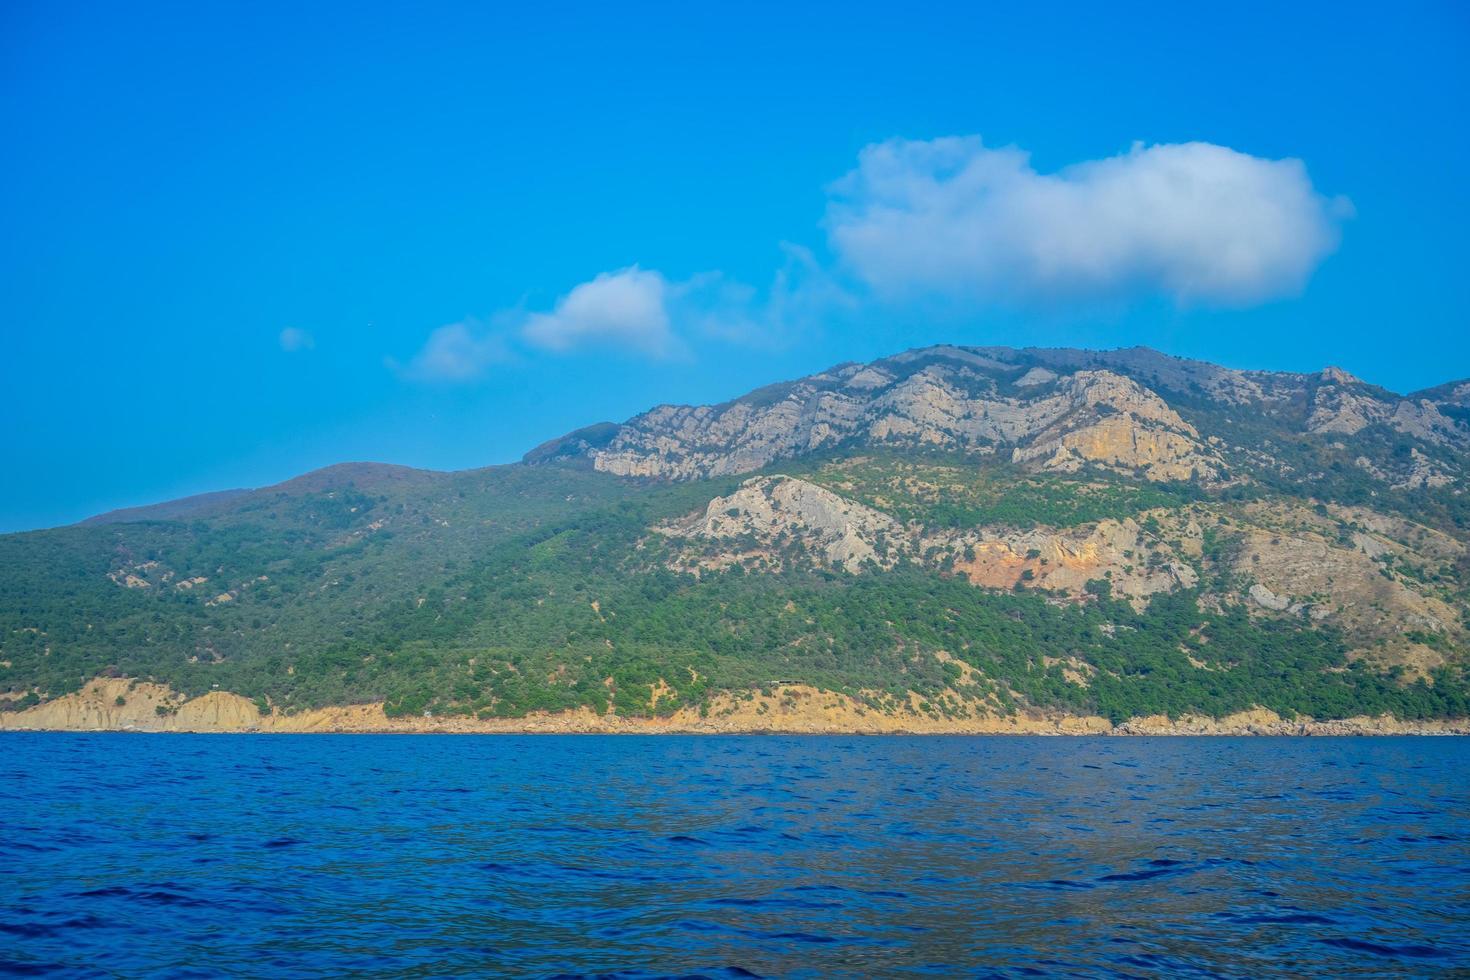 Seelandschaft mit Blick auf die Berge in Küstennähe. foto